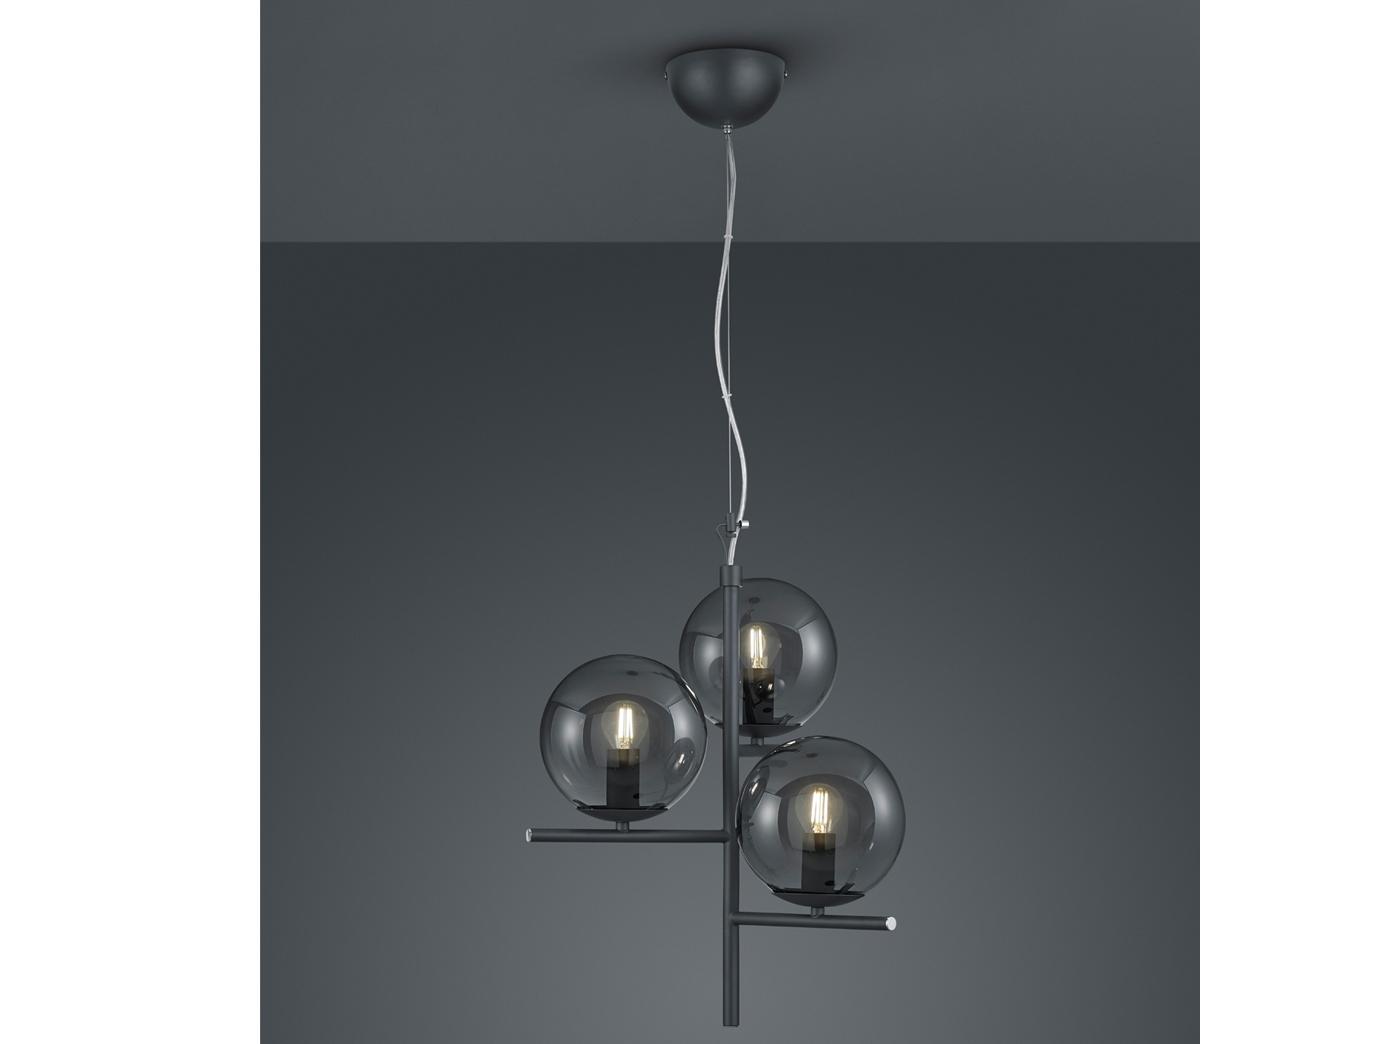 Indexbild 6 - Mehrflammige LED Hängelleuchten Kugel Lampenschirme aus Glas - fürs Wohnzimmer